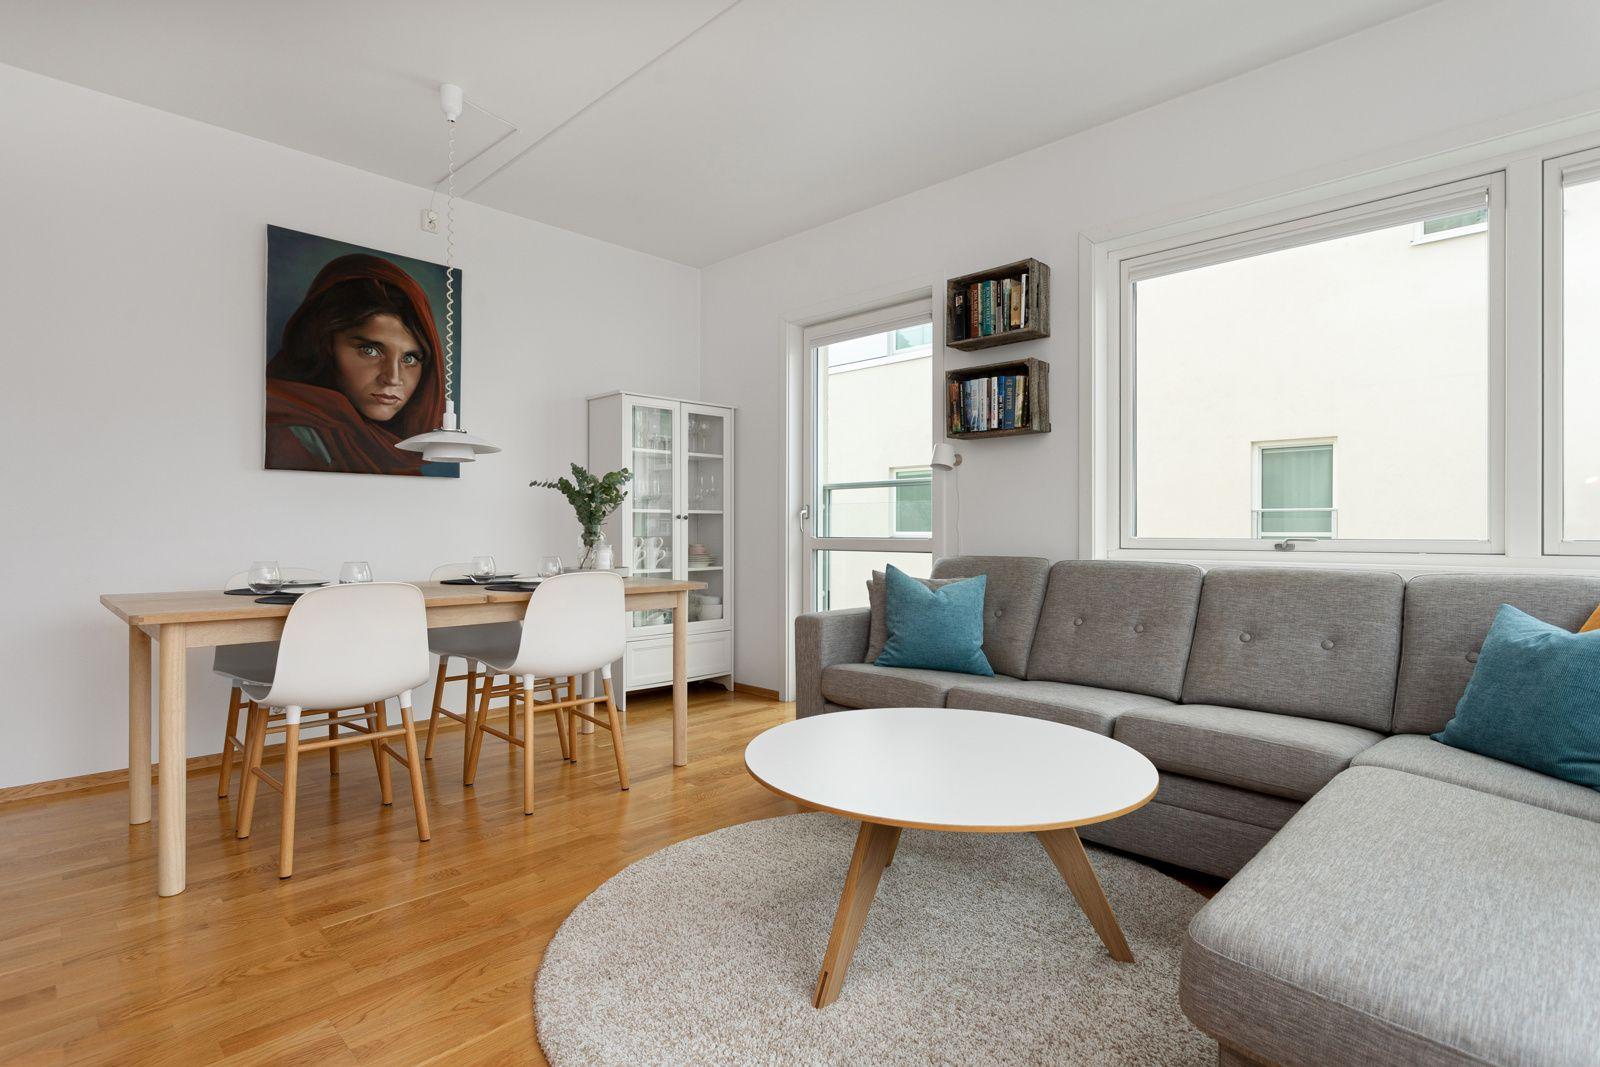 Fernanda Nissens gate 5 B Stuen er det naturlige oppholdsrommet i leiligheten, og er et stort, lyst og fint rom. God standard med parkett på gulv og glatte lysmalte overflater.